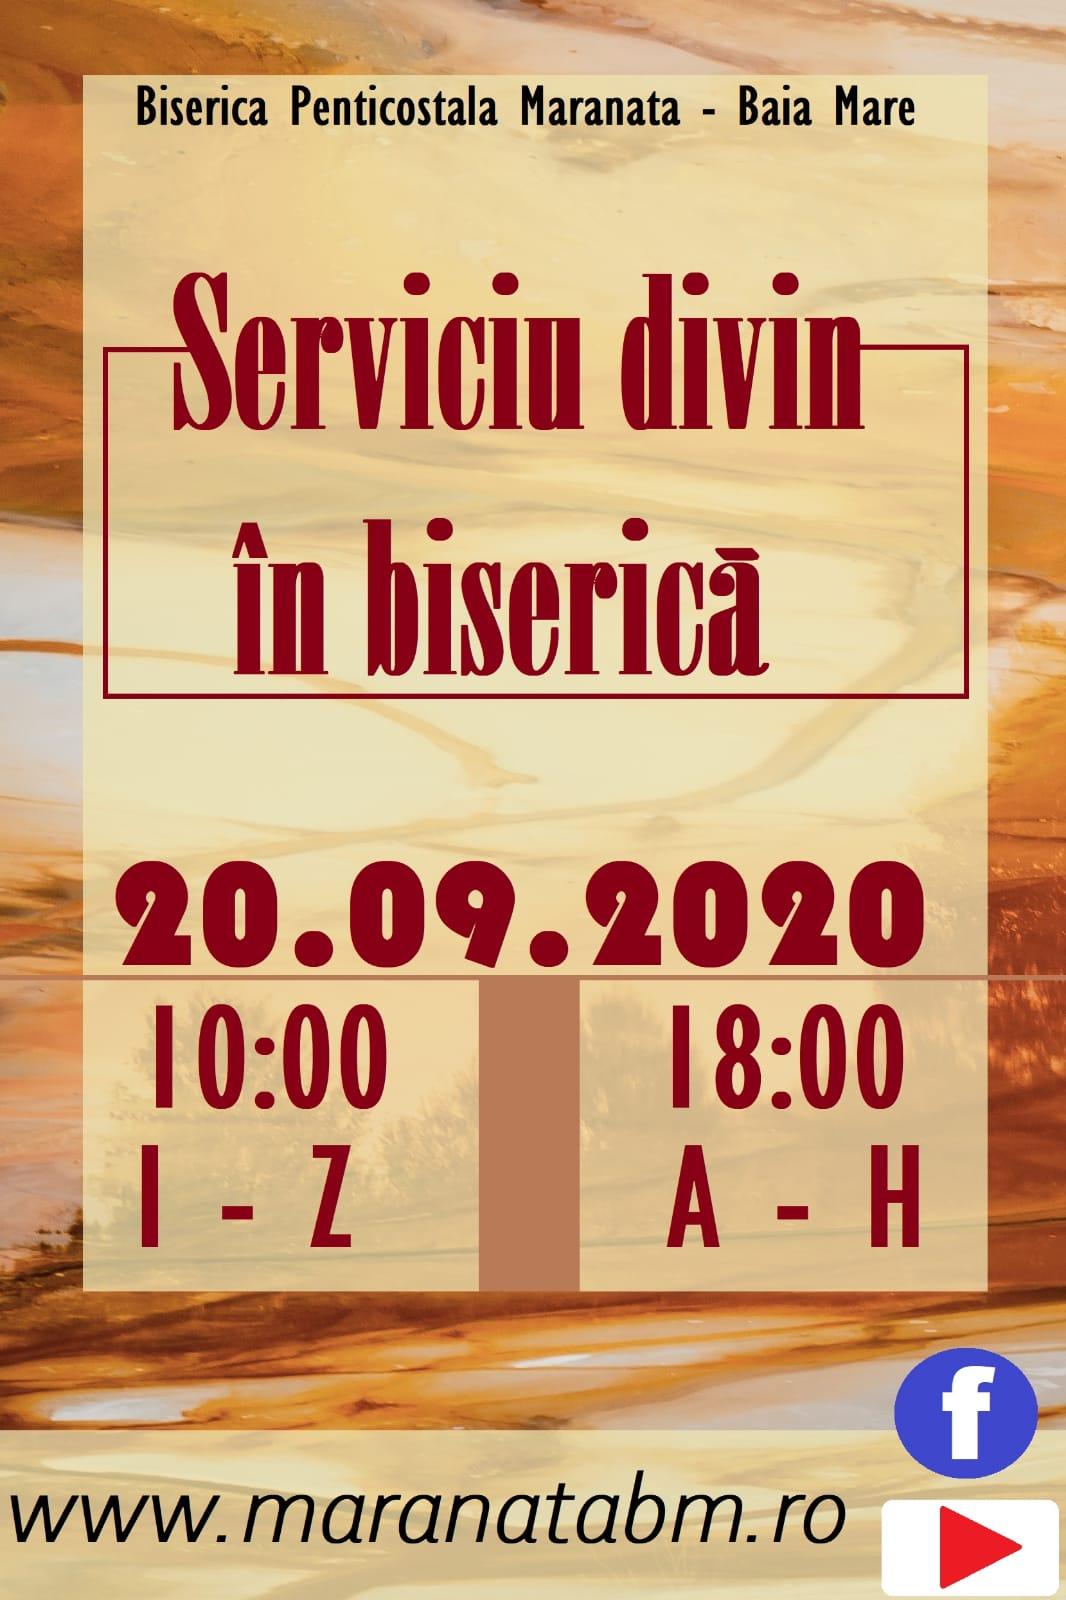 Serviciu divin in biseria - Duminica, 20 Septembrie, 2020